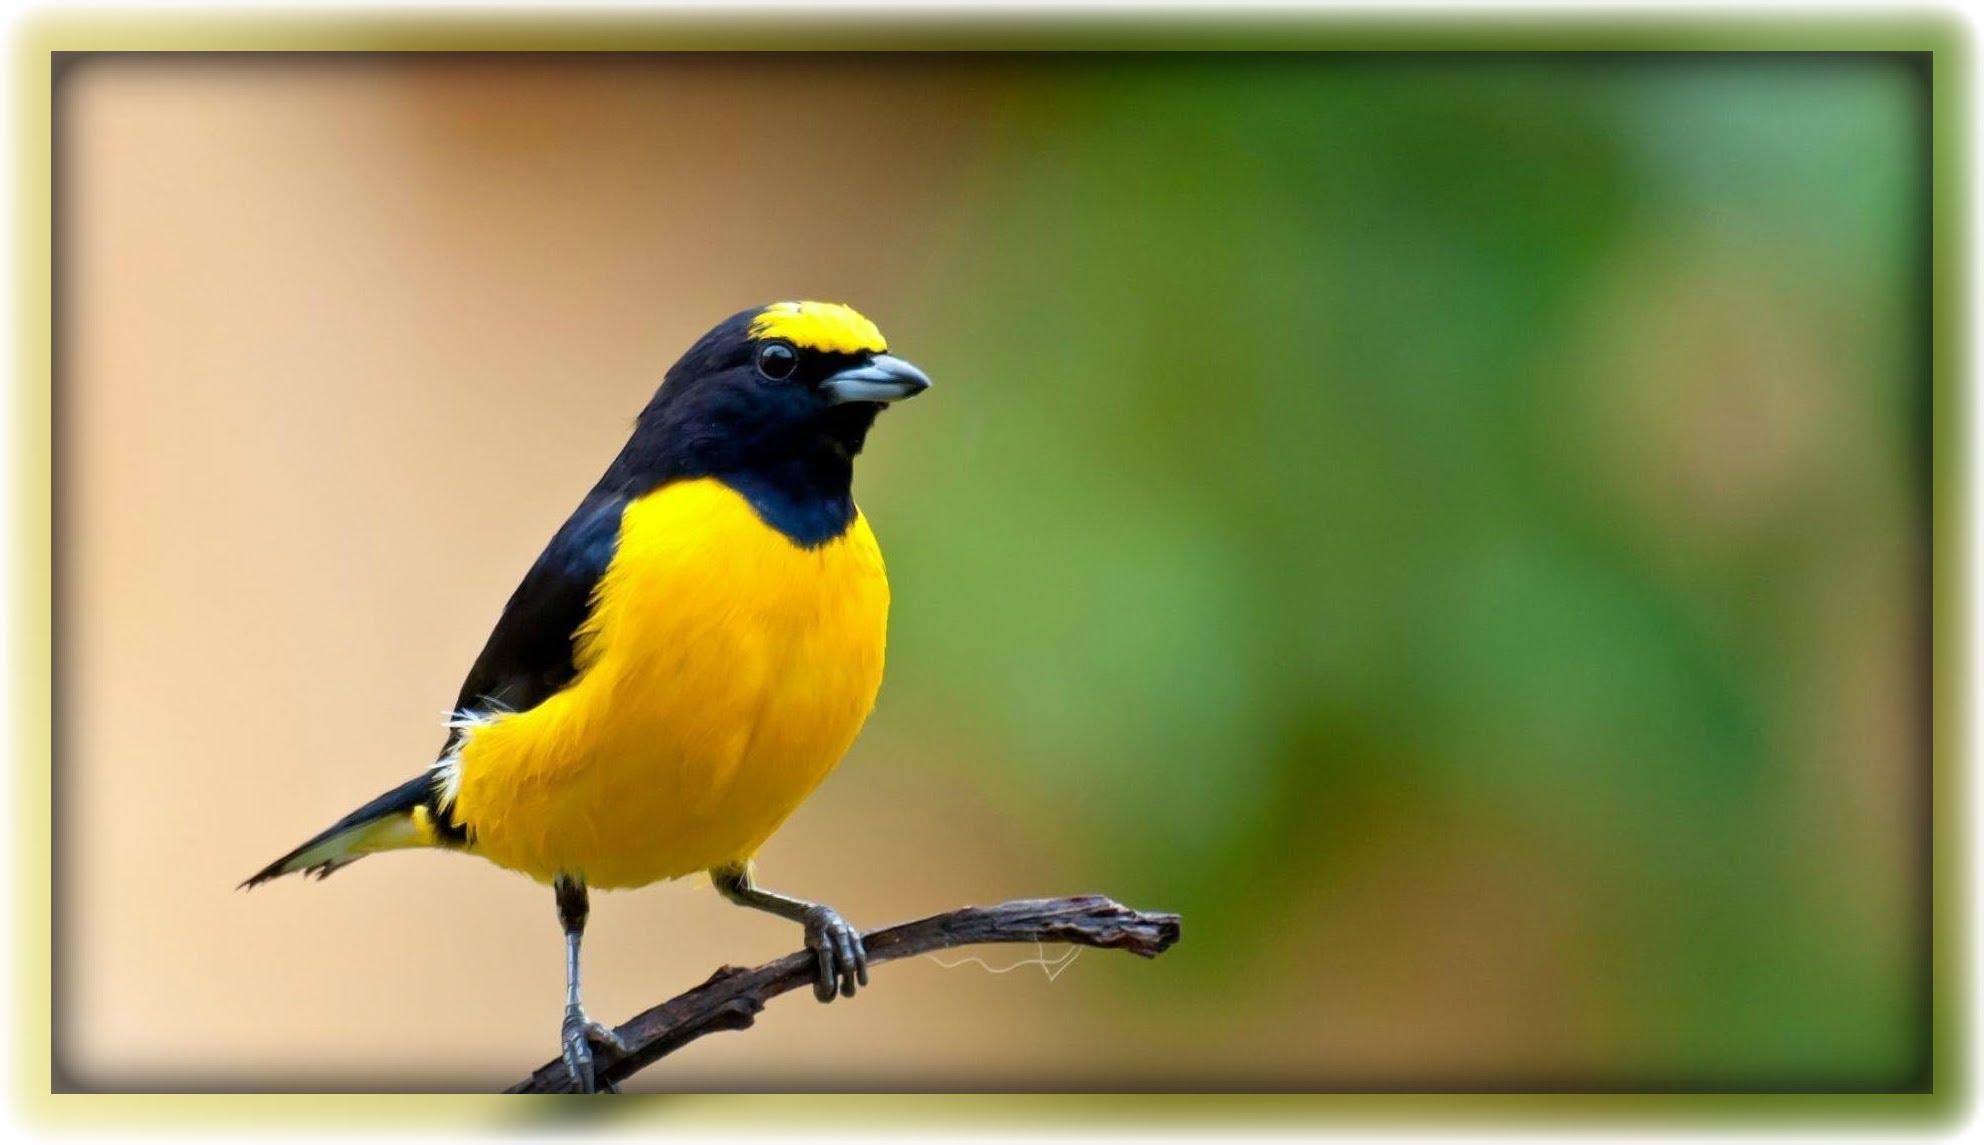 Download suara burung branjangan mp3 kicau buat masteran kicuit. Com.